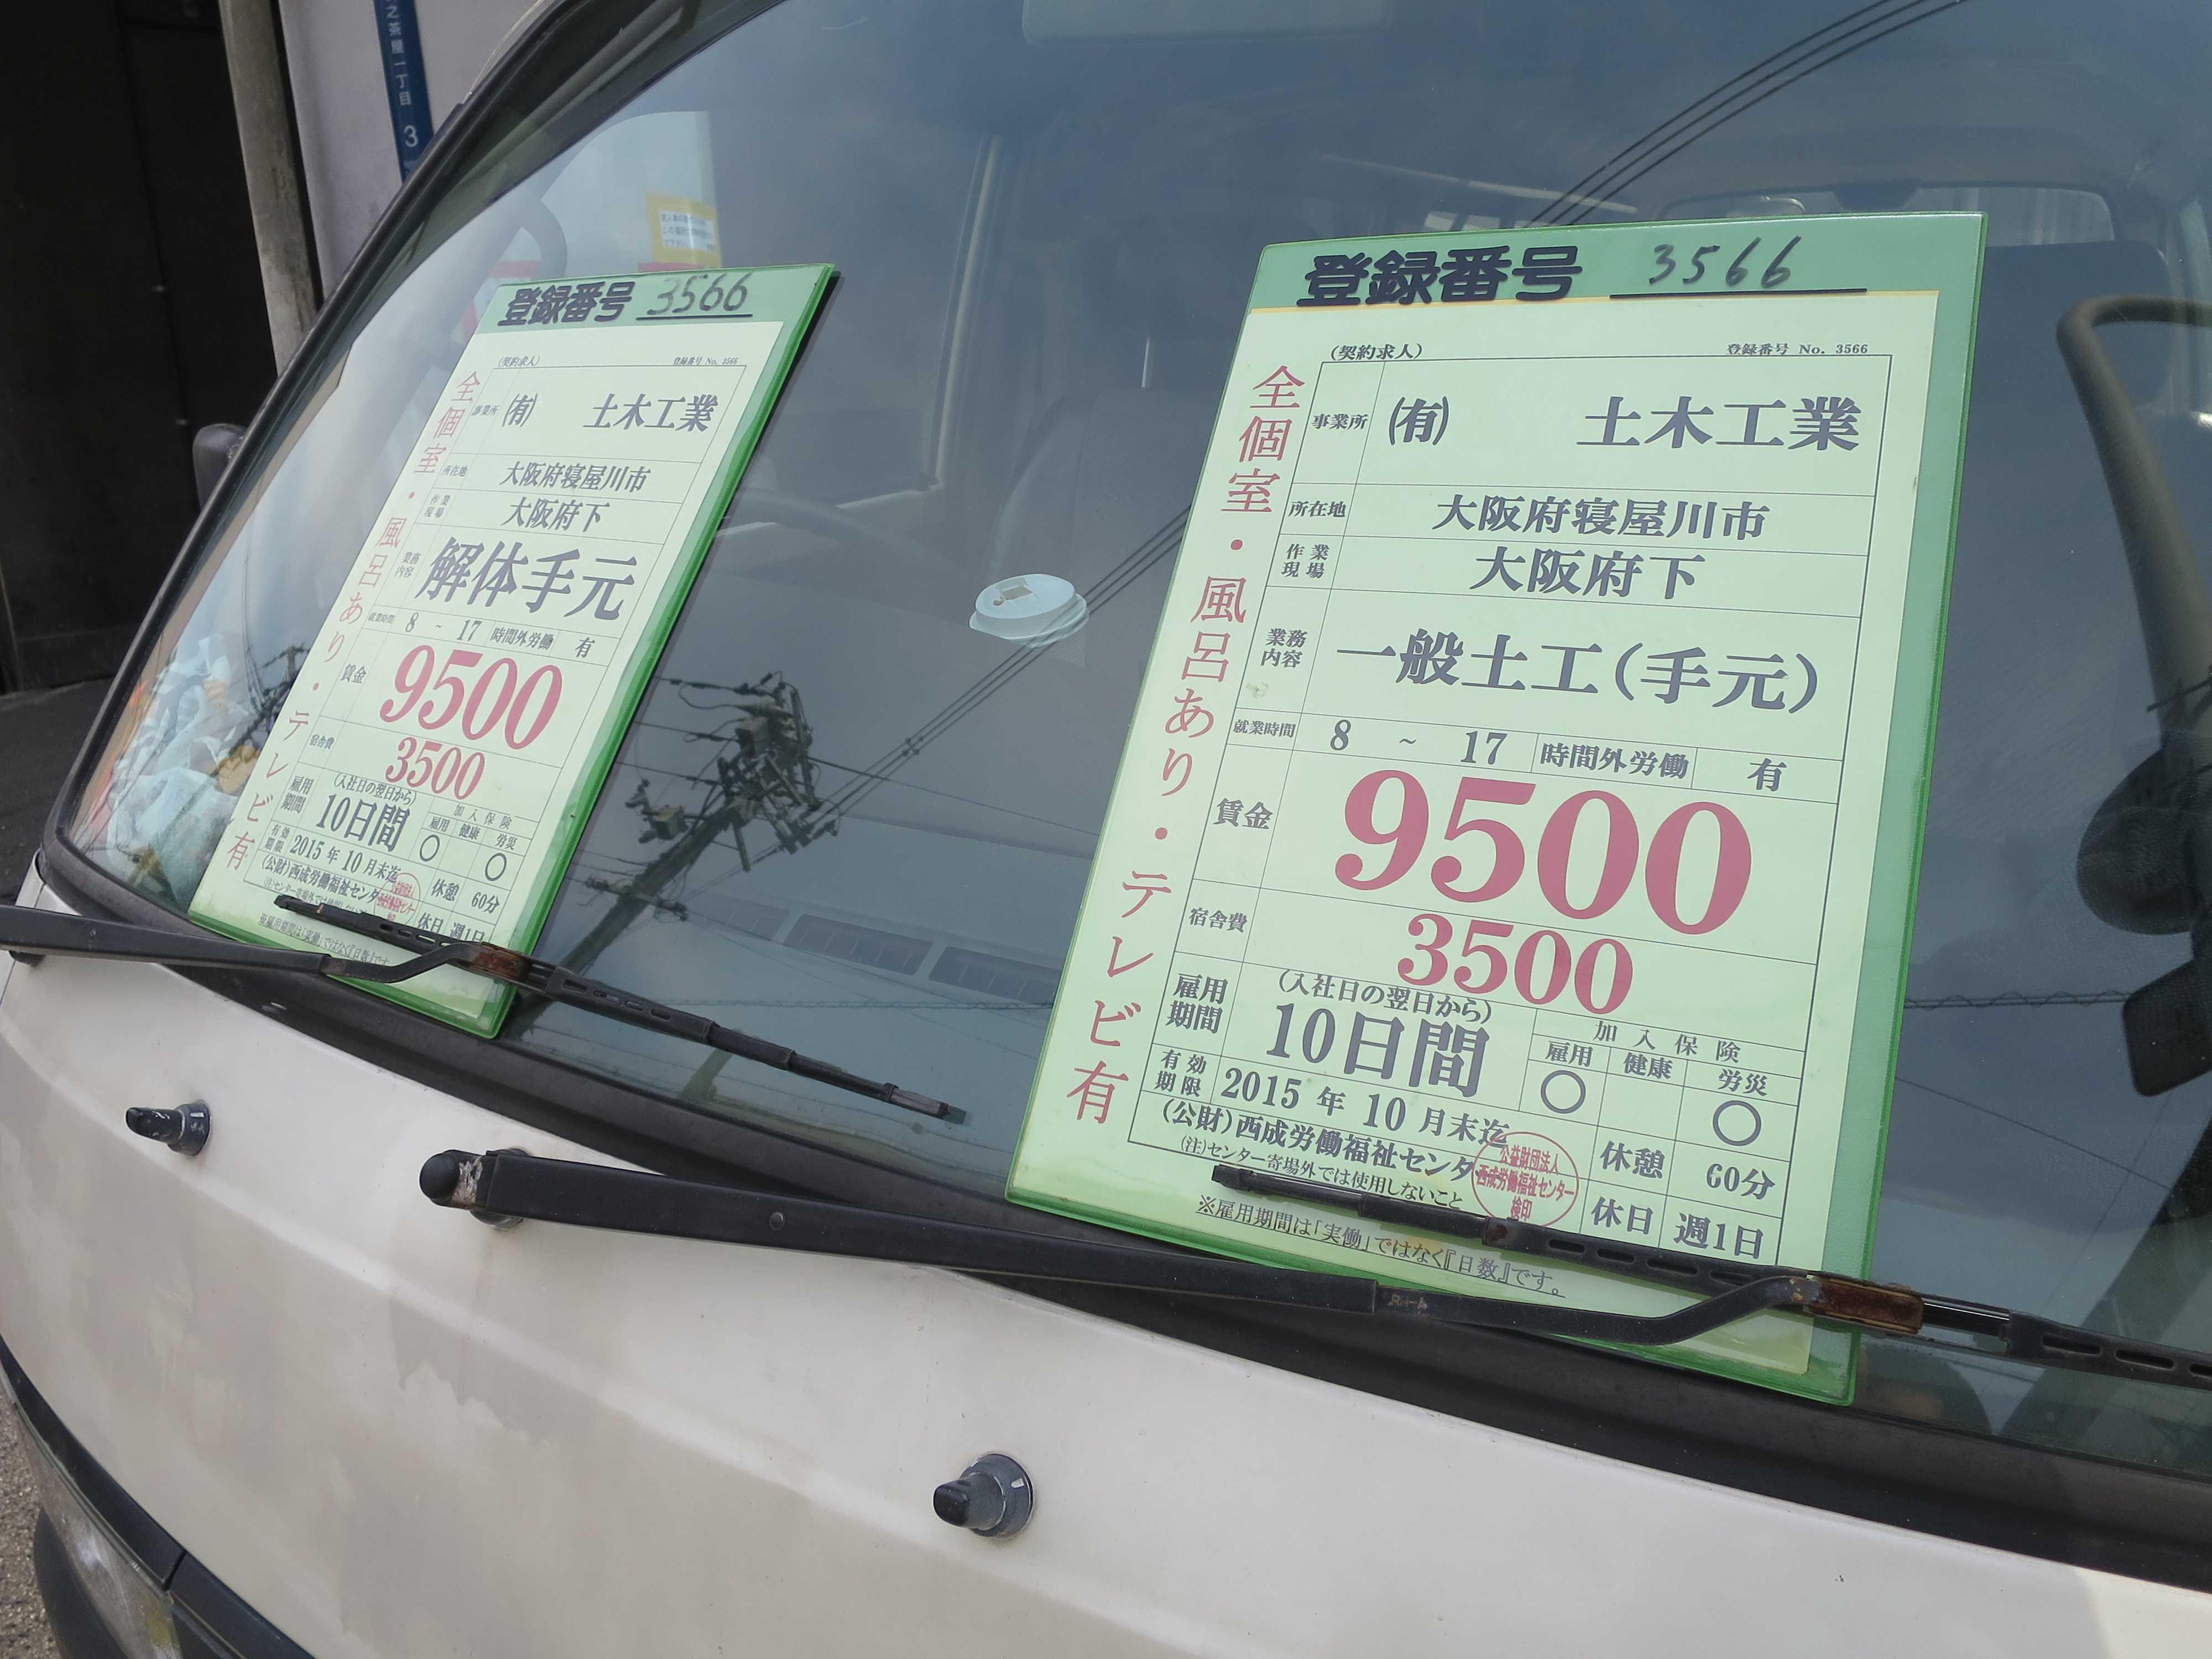 西成労働福祉センター - 求人票(プラカード)